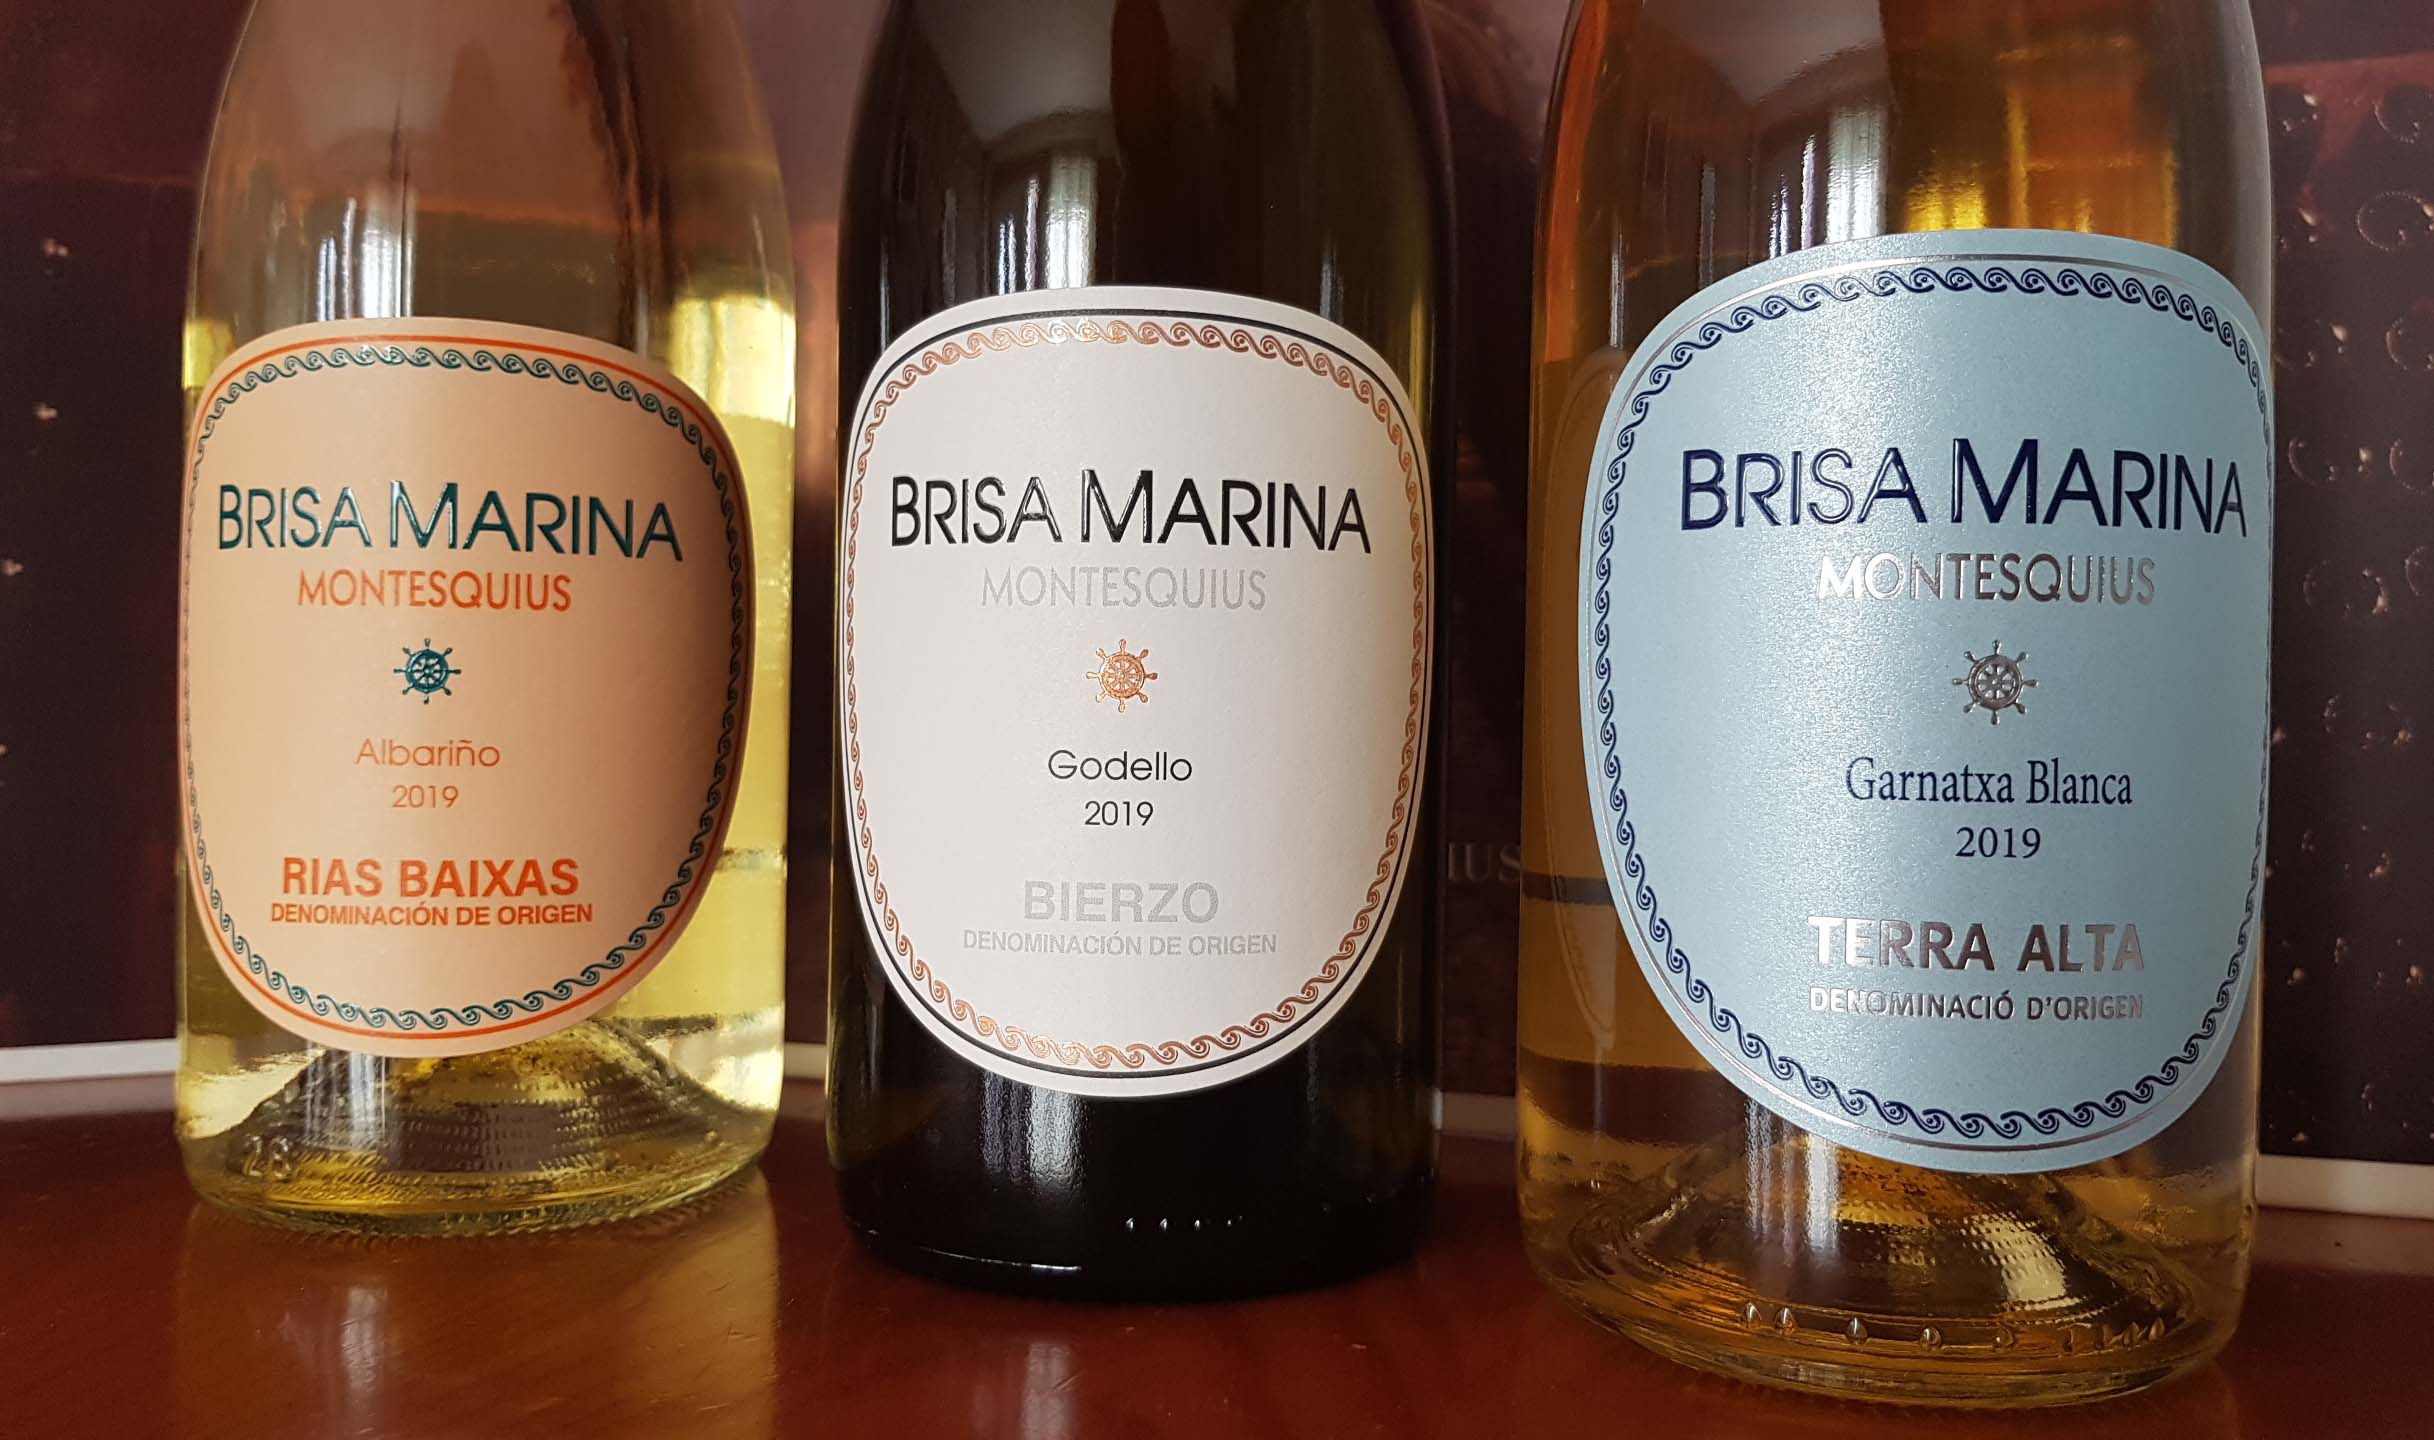 Brisas Marinas, un paseo vinícola por la Península de la mano de Montesquius